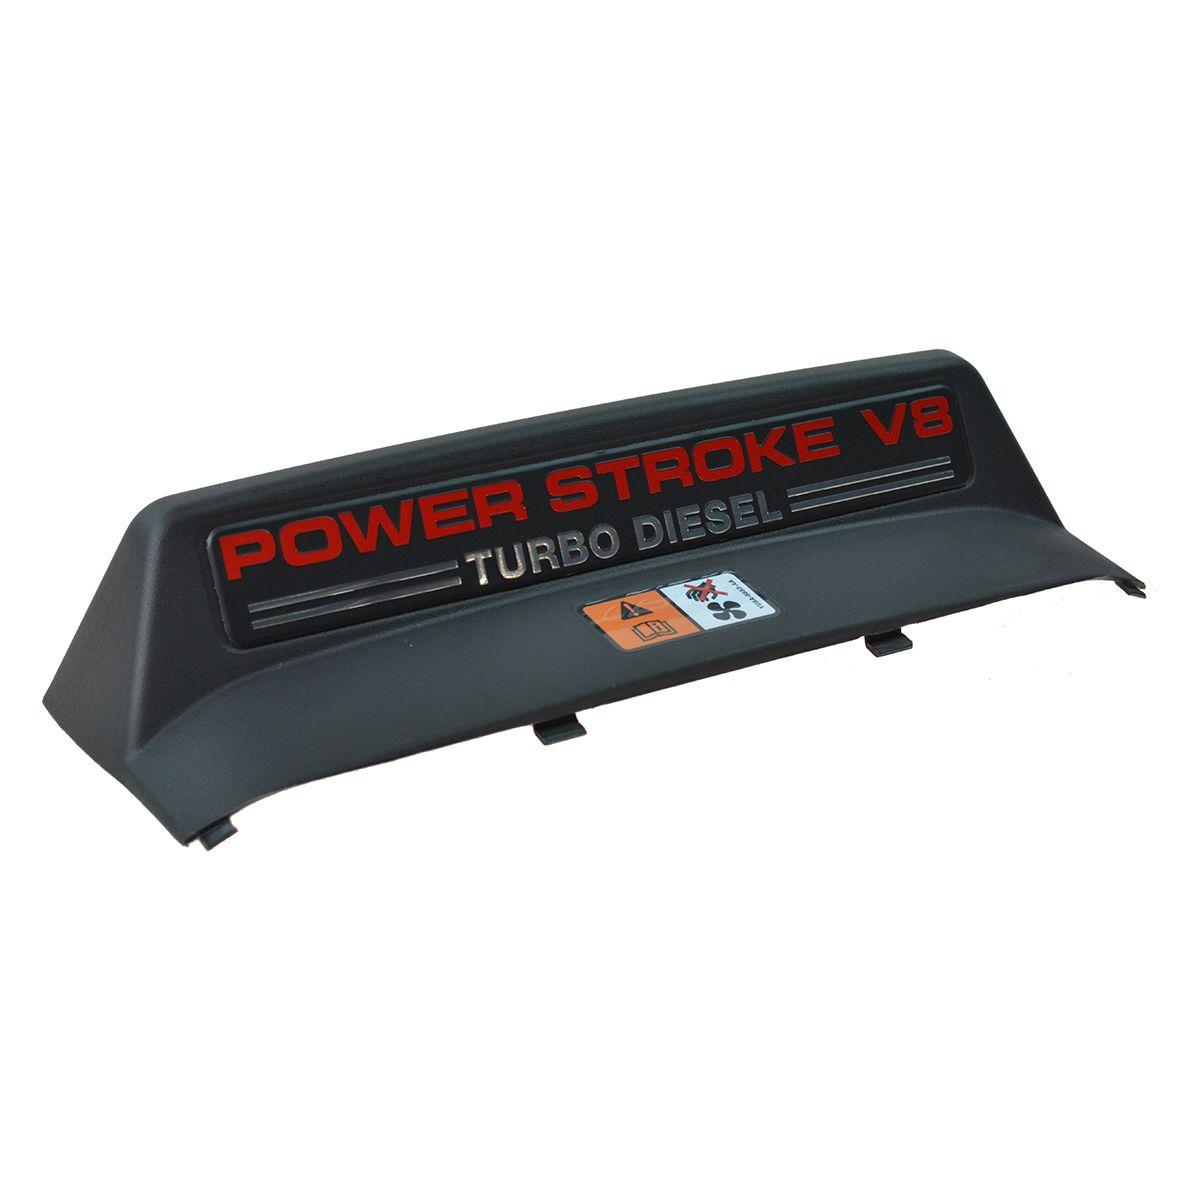 OEM Power Stroke V8 Turbo Diesel Cooling Upper Fan Shroud for Ford Pickup Truck